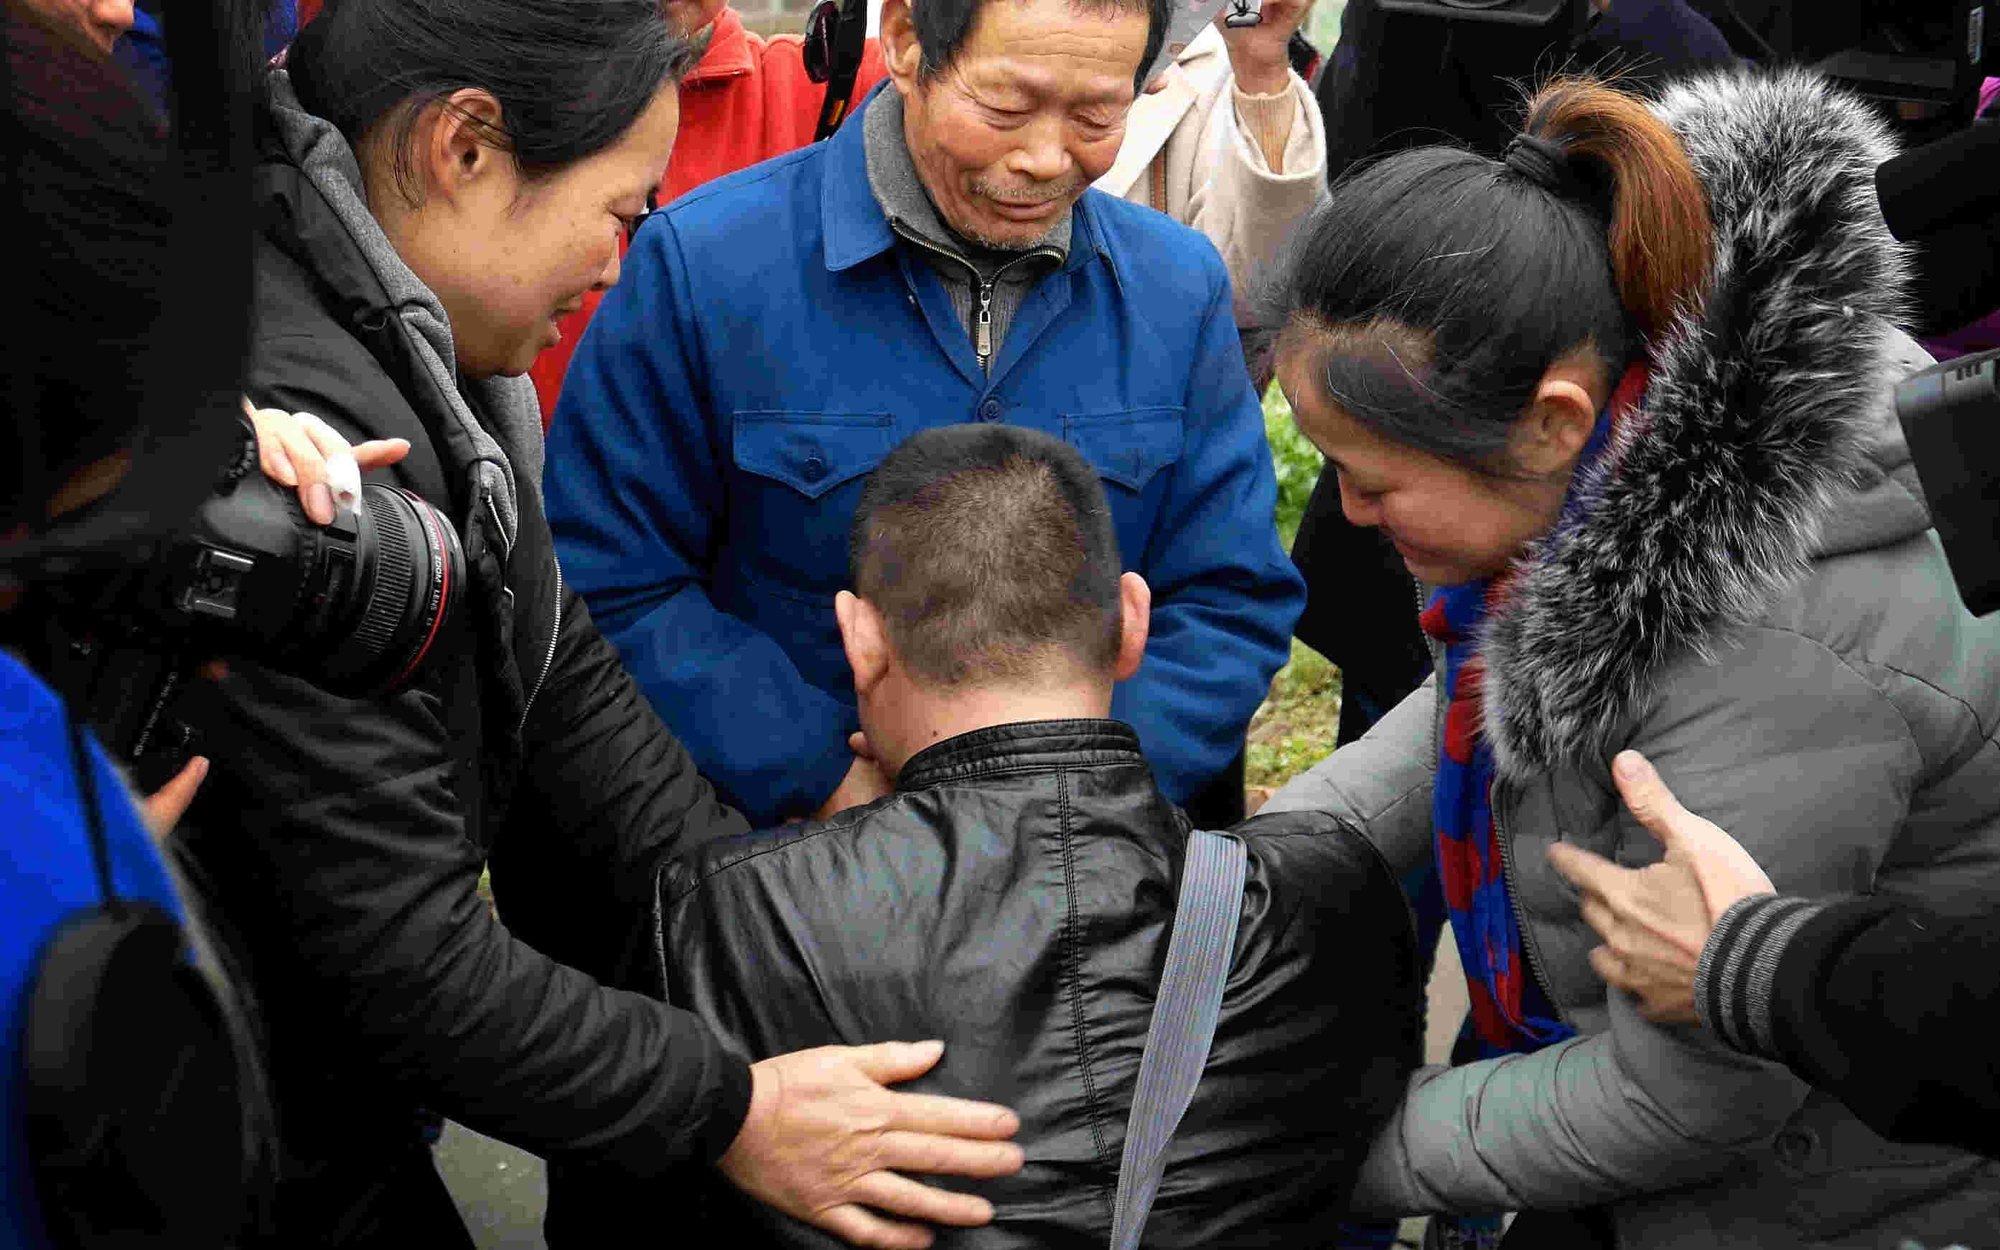 聋哑儿被拐25年后回家 满身伤痕跪哭在爸爸面前